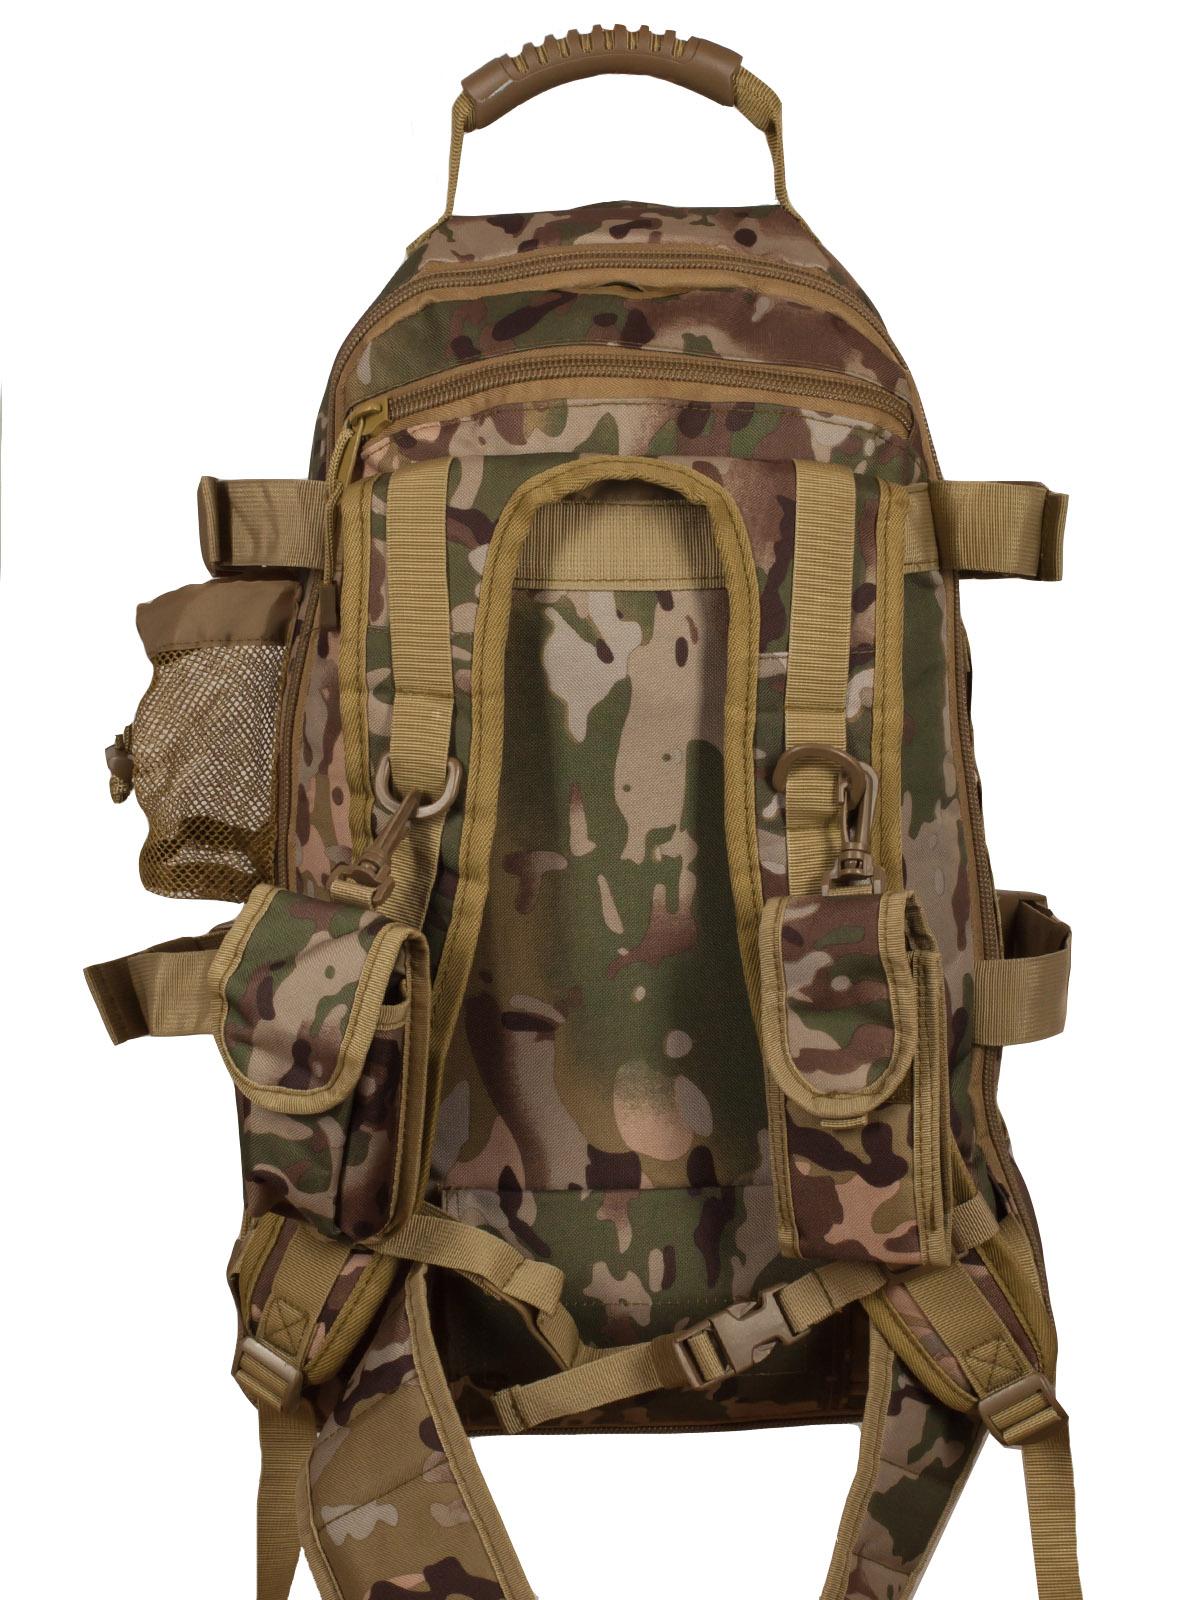 Надежный рейдовый рюкзак с нашивкой Русская Охота - заказать в Военпро